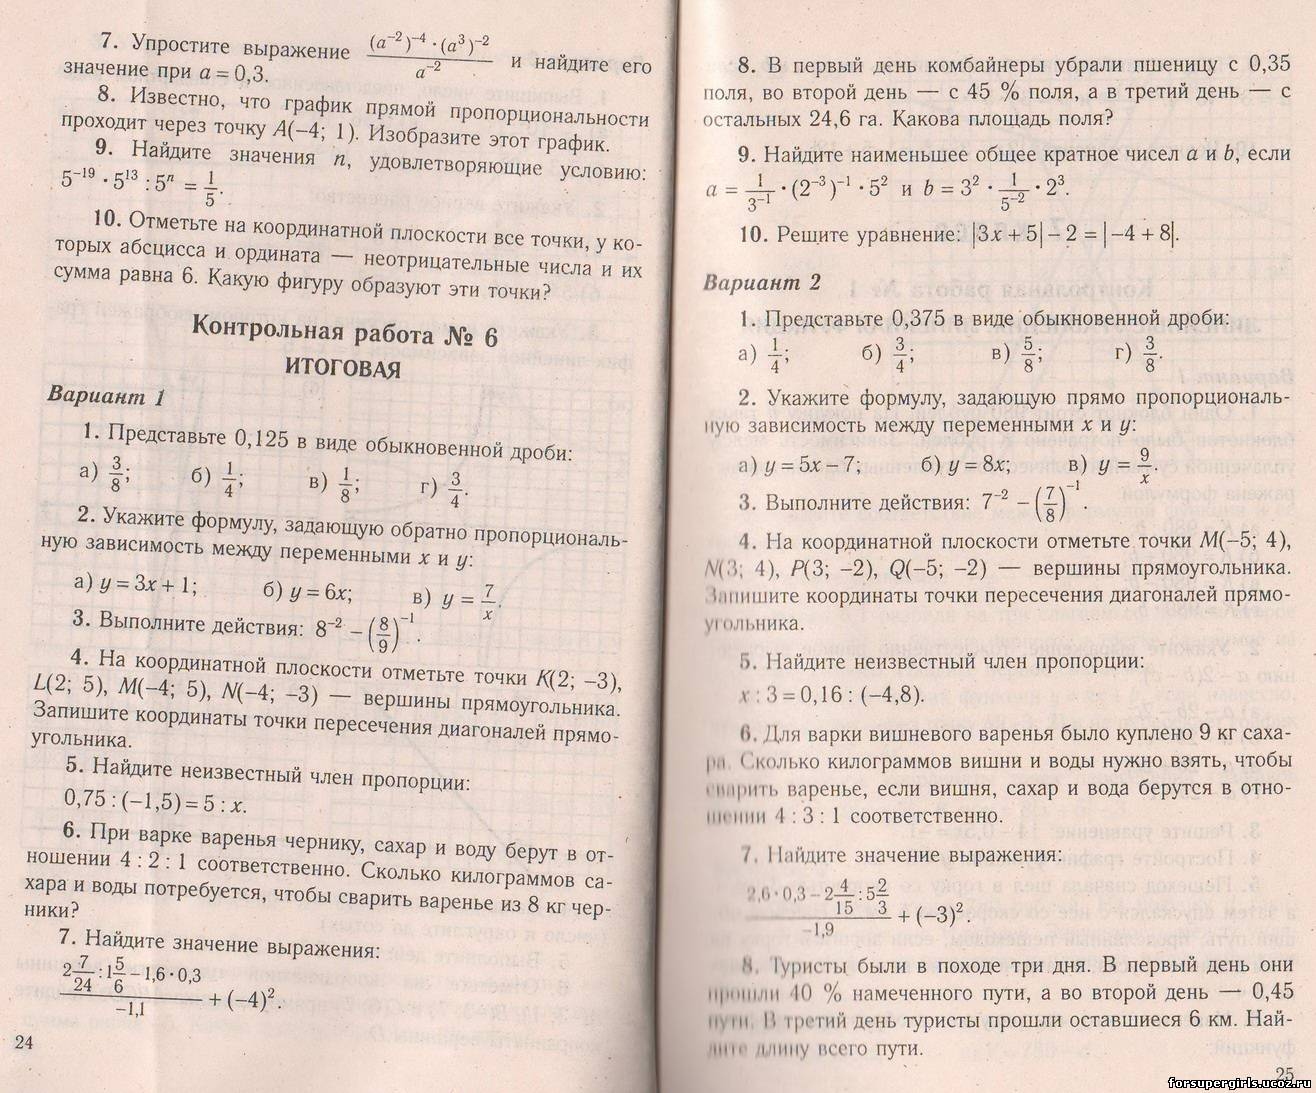 контрольная работа 3 химические реакции 11 класс